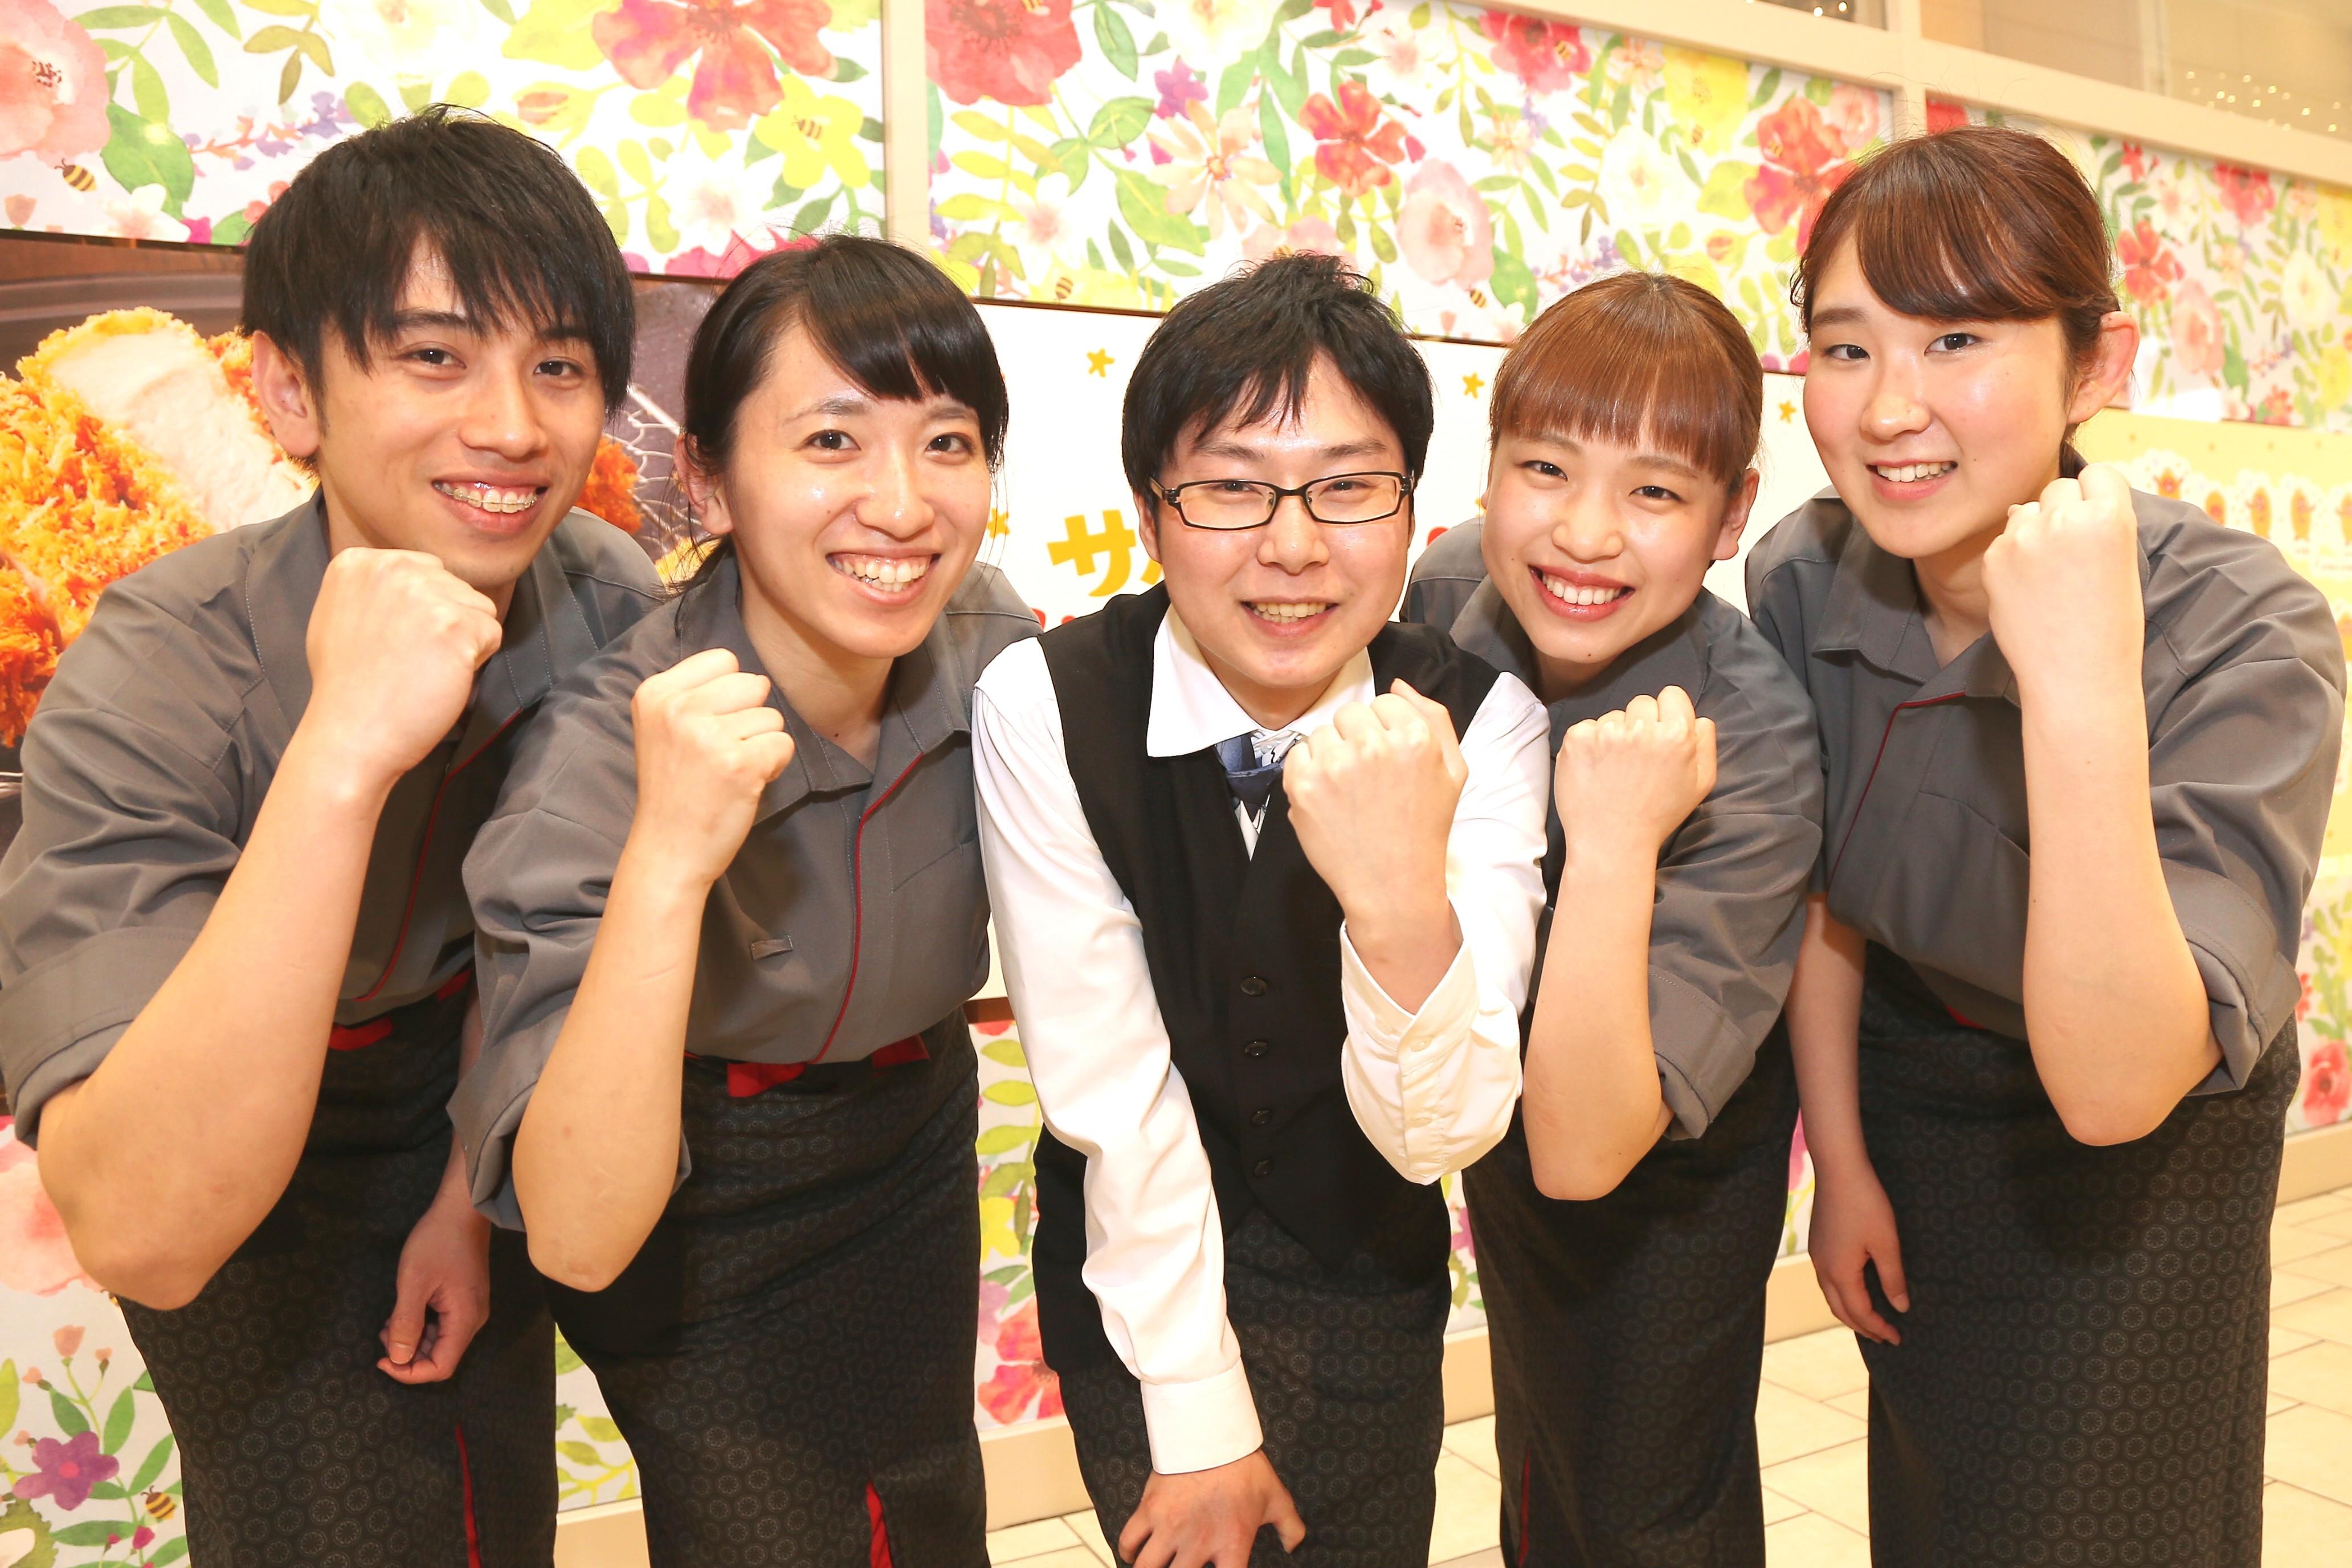 とんかつ新宿さぼてん 本店小田急エース南館店 のイメージ